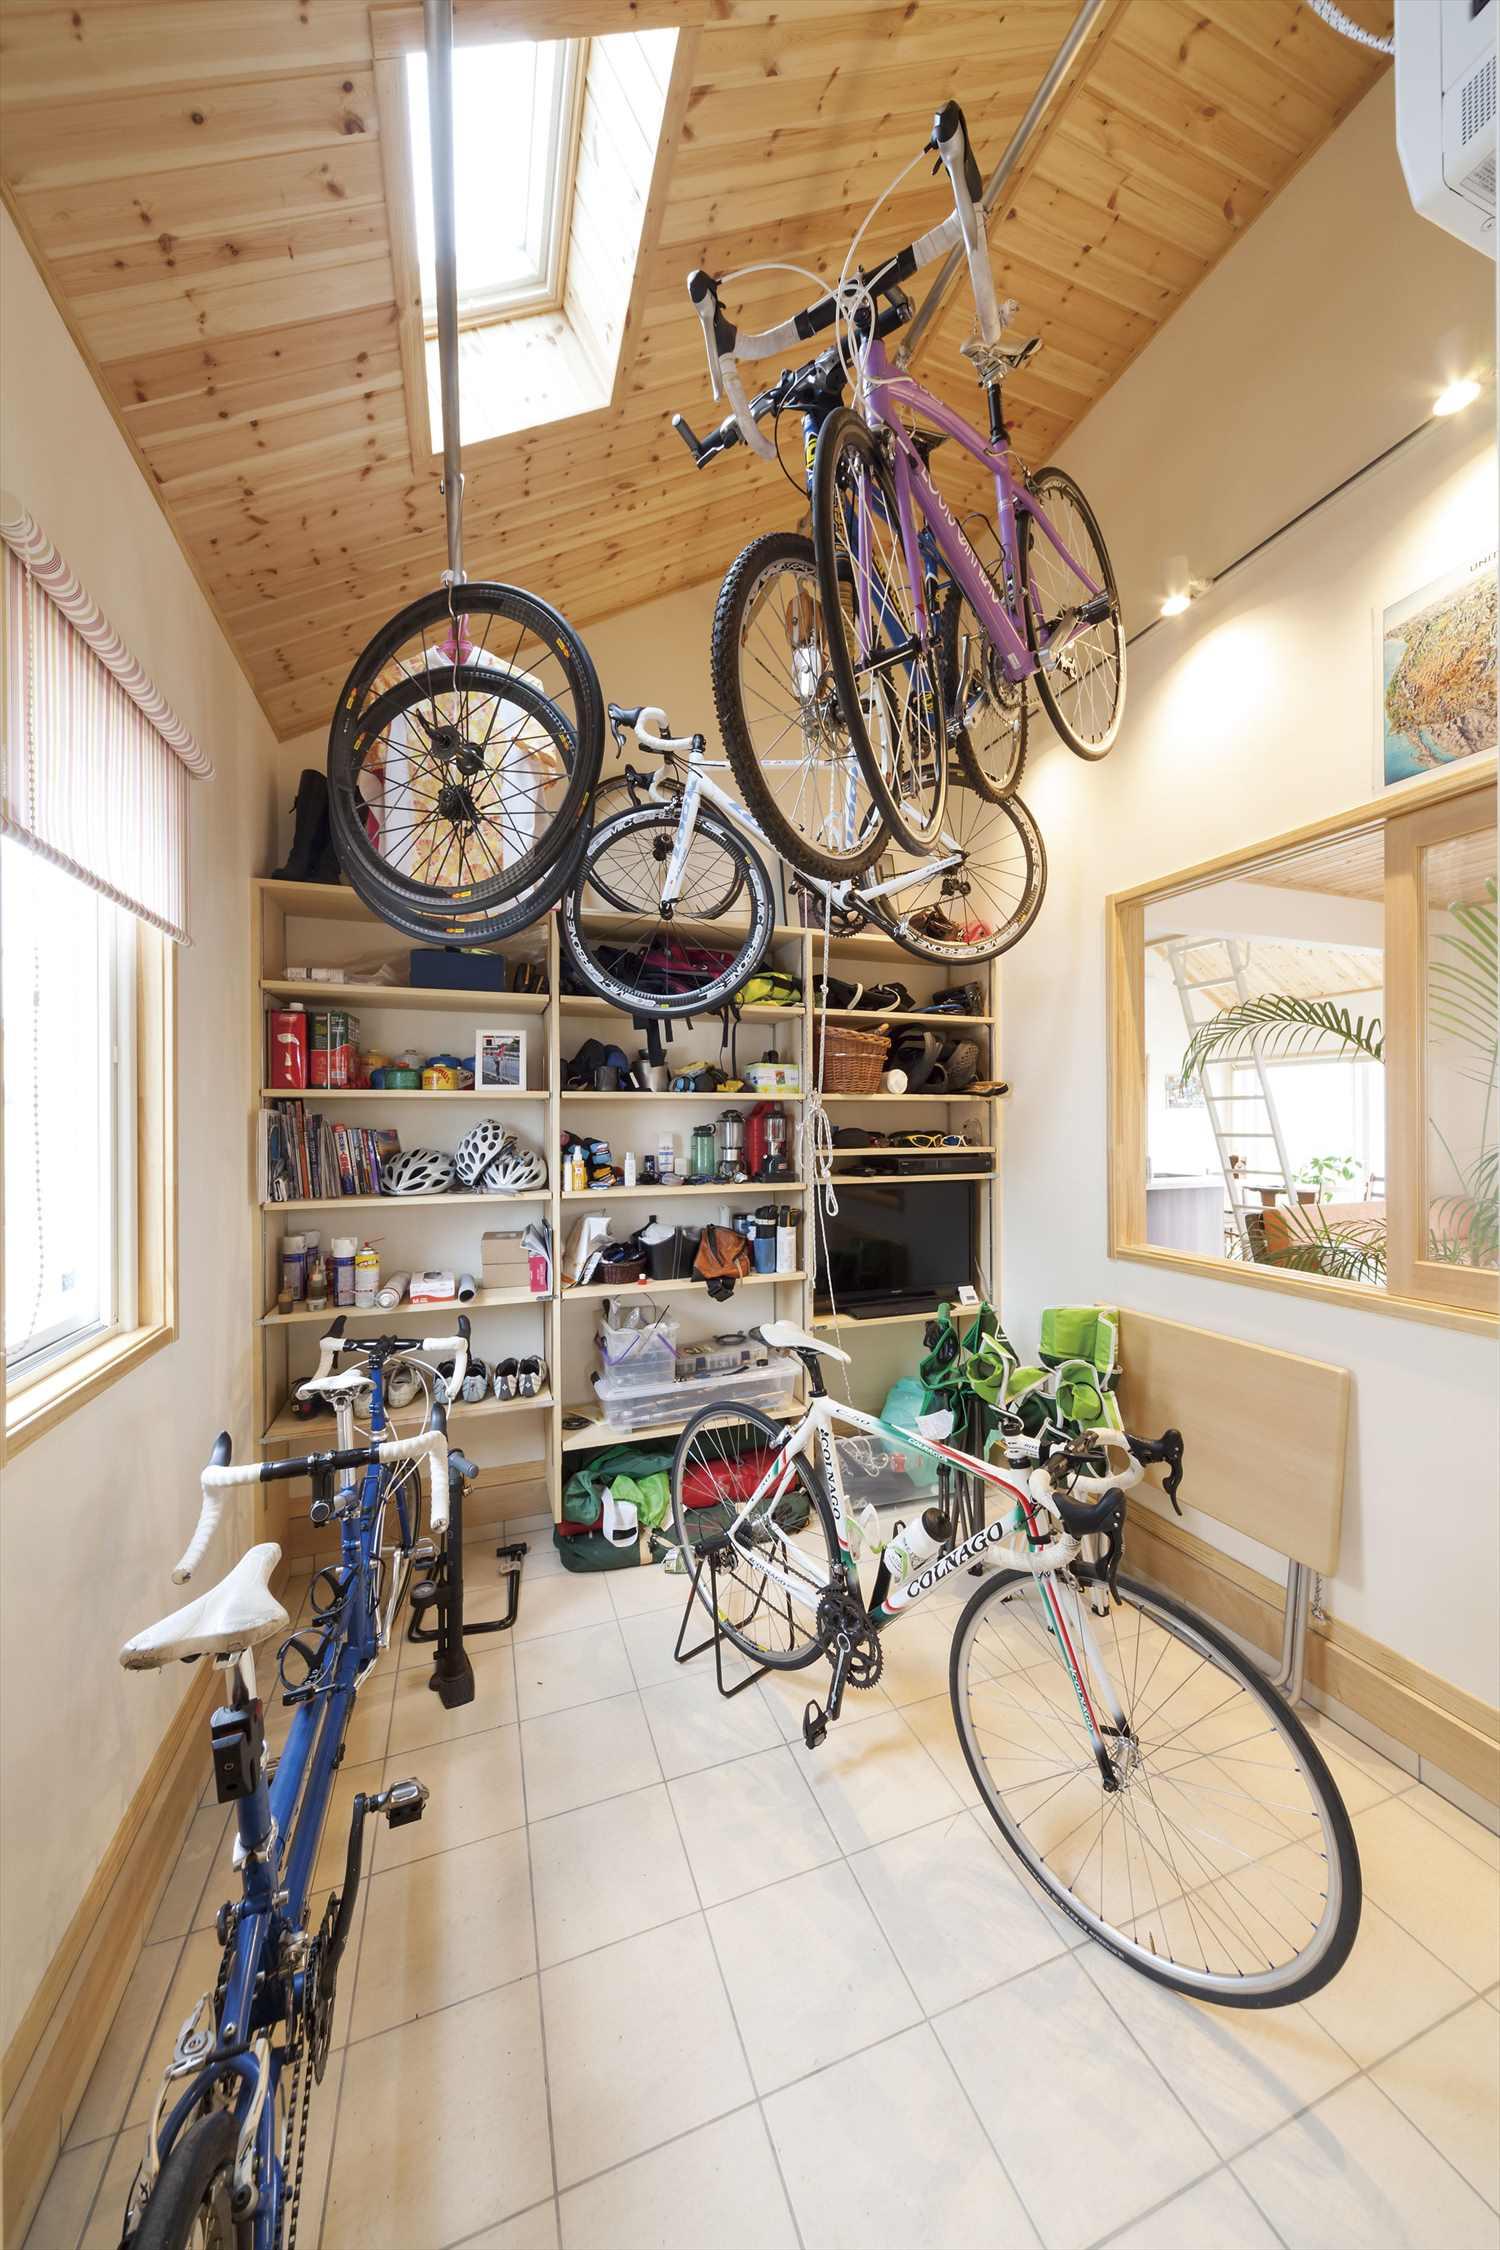 土間収納なら趣味のサイクリングやアウトドア用品のお手入れや作業もしやすいので便利